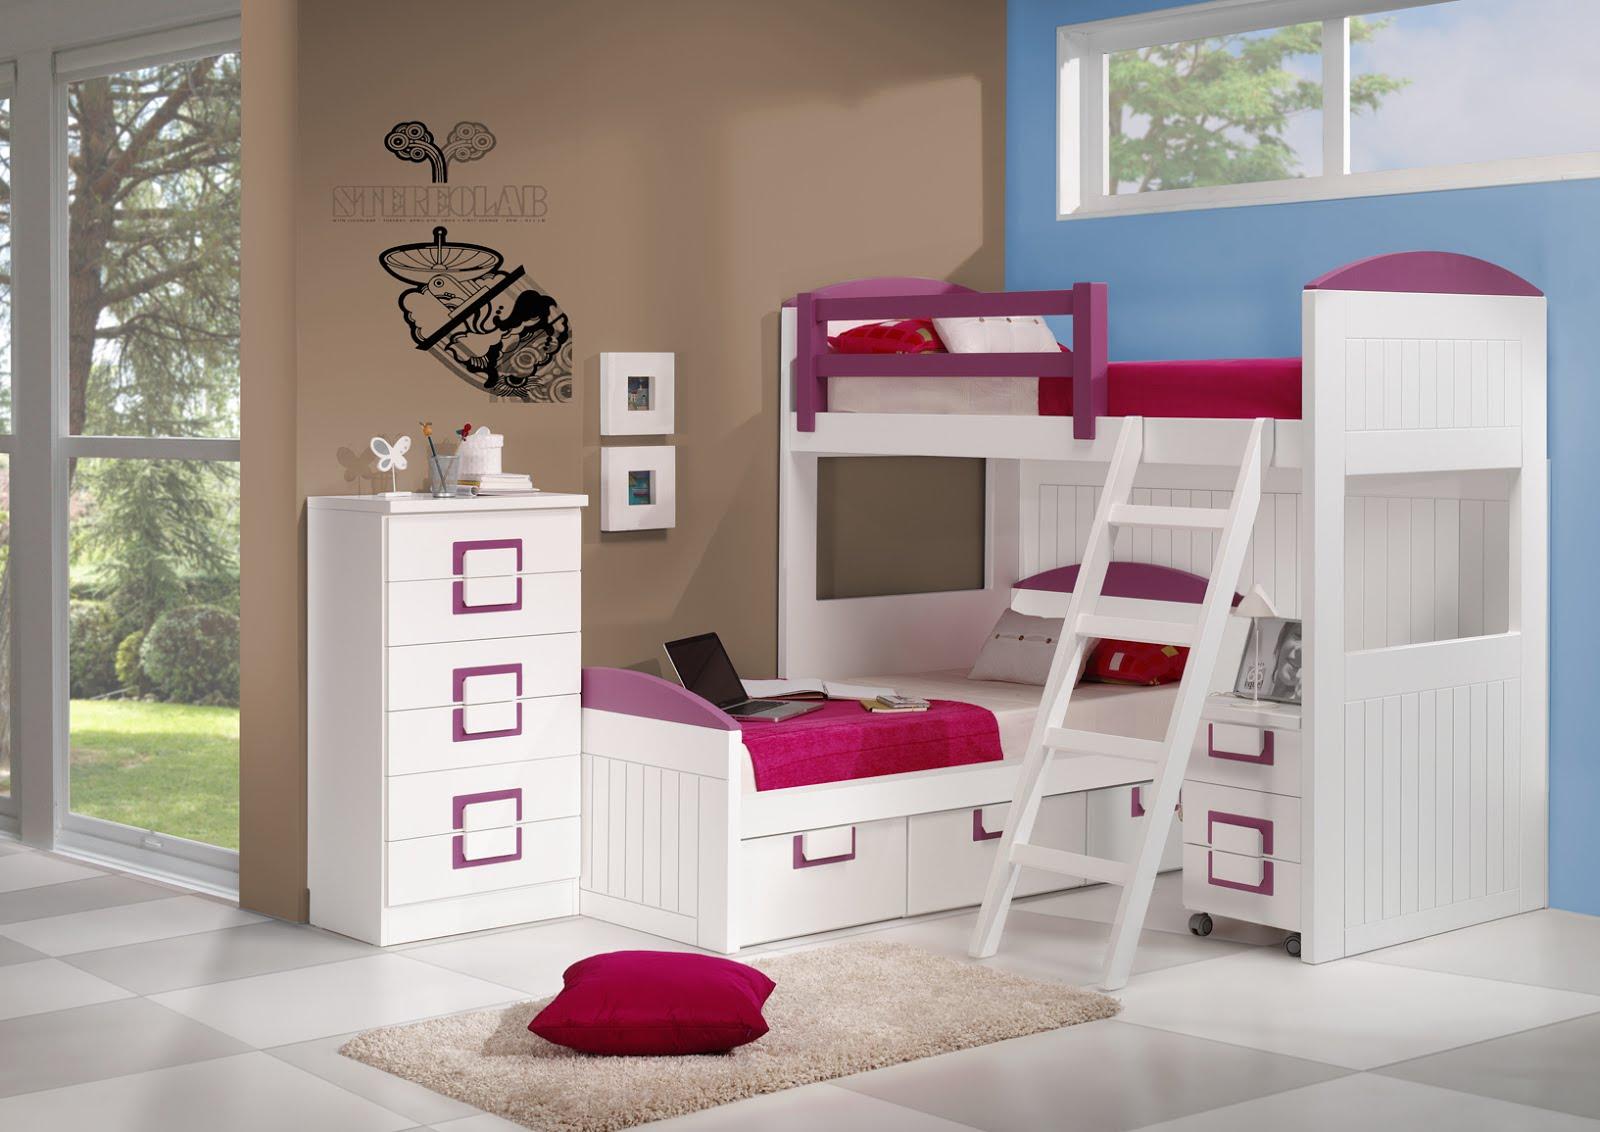 Fotos de dormitorios infantiles - Precios de habitaciones infantiles ...